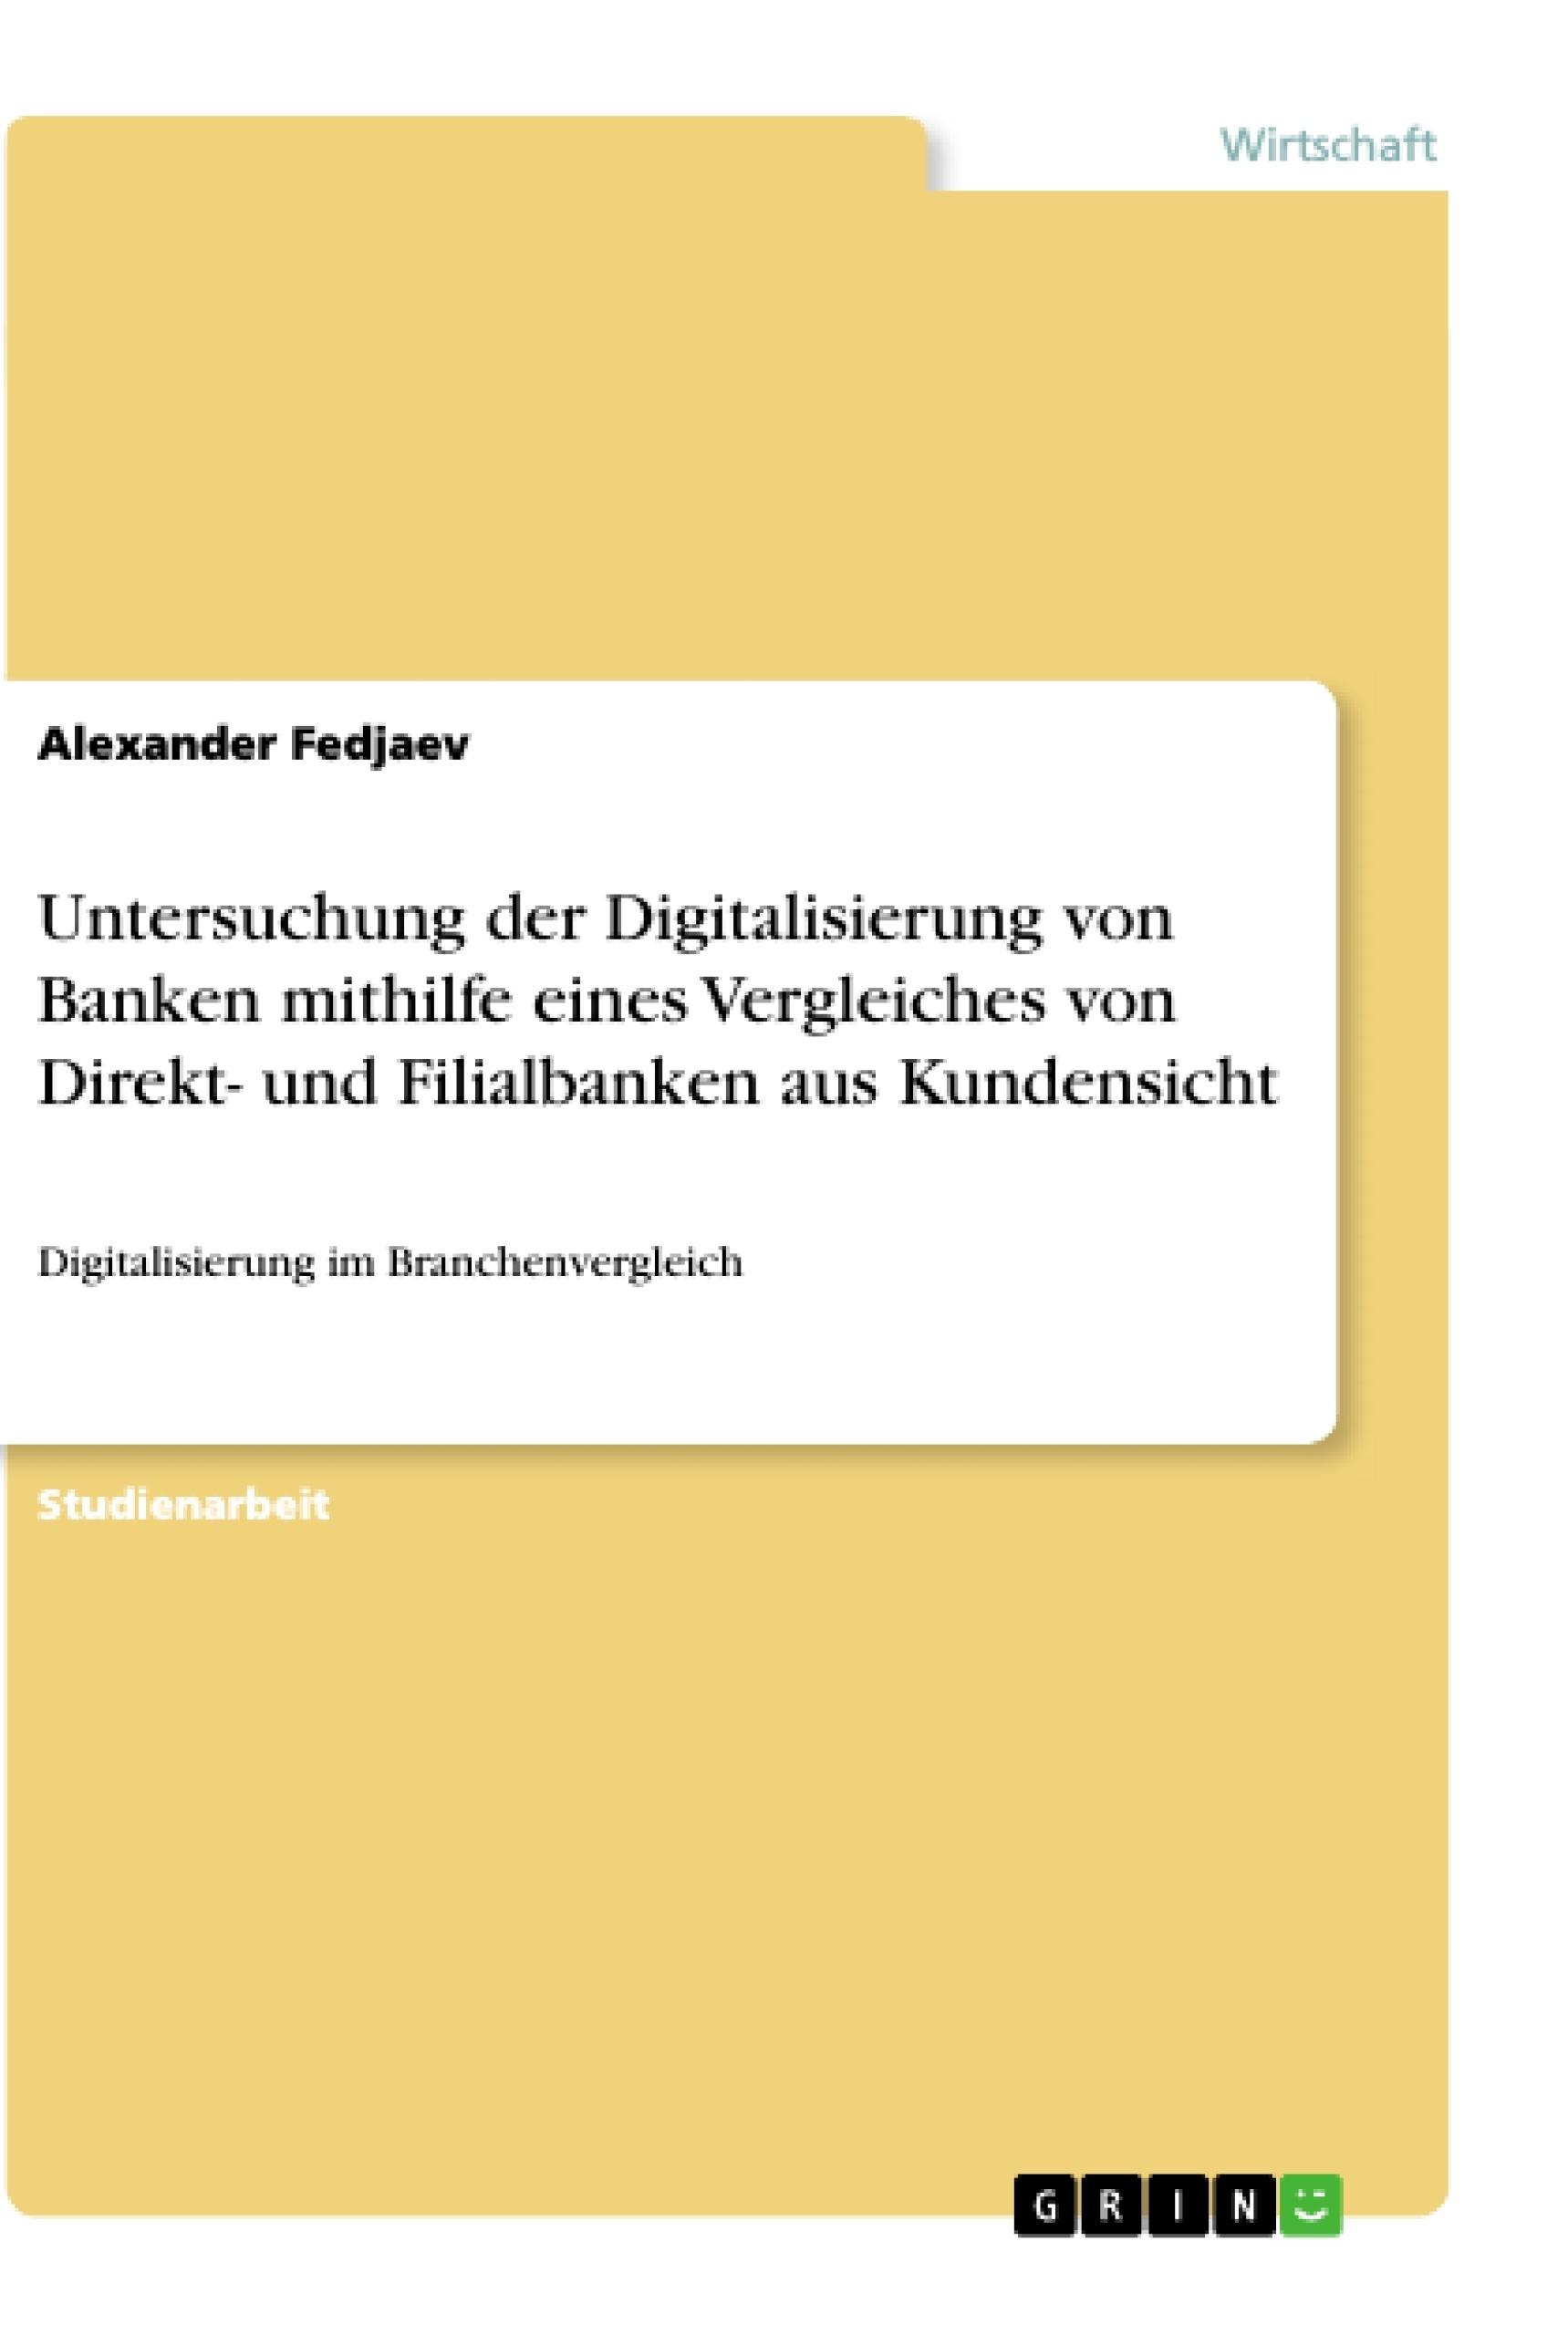 Titel: Untersuchung der Digitalisierung von Banken mithilfe eines Vergleiches von Direkt- und Filialbanken aus Kundensicht